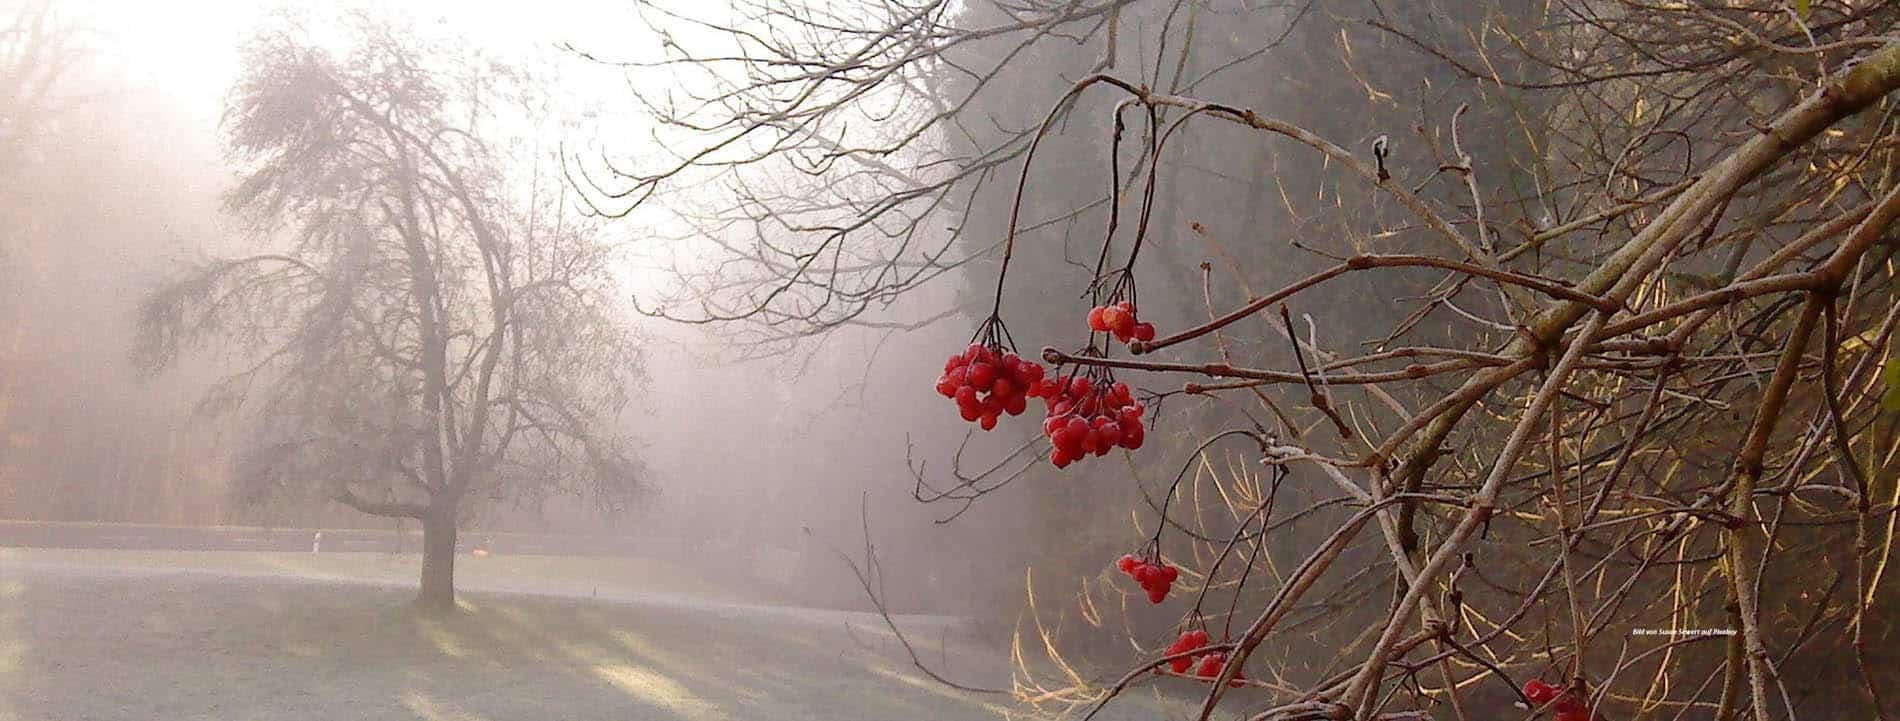 Herbstbild mit Nebel.